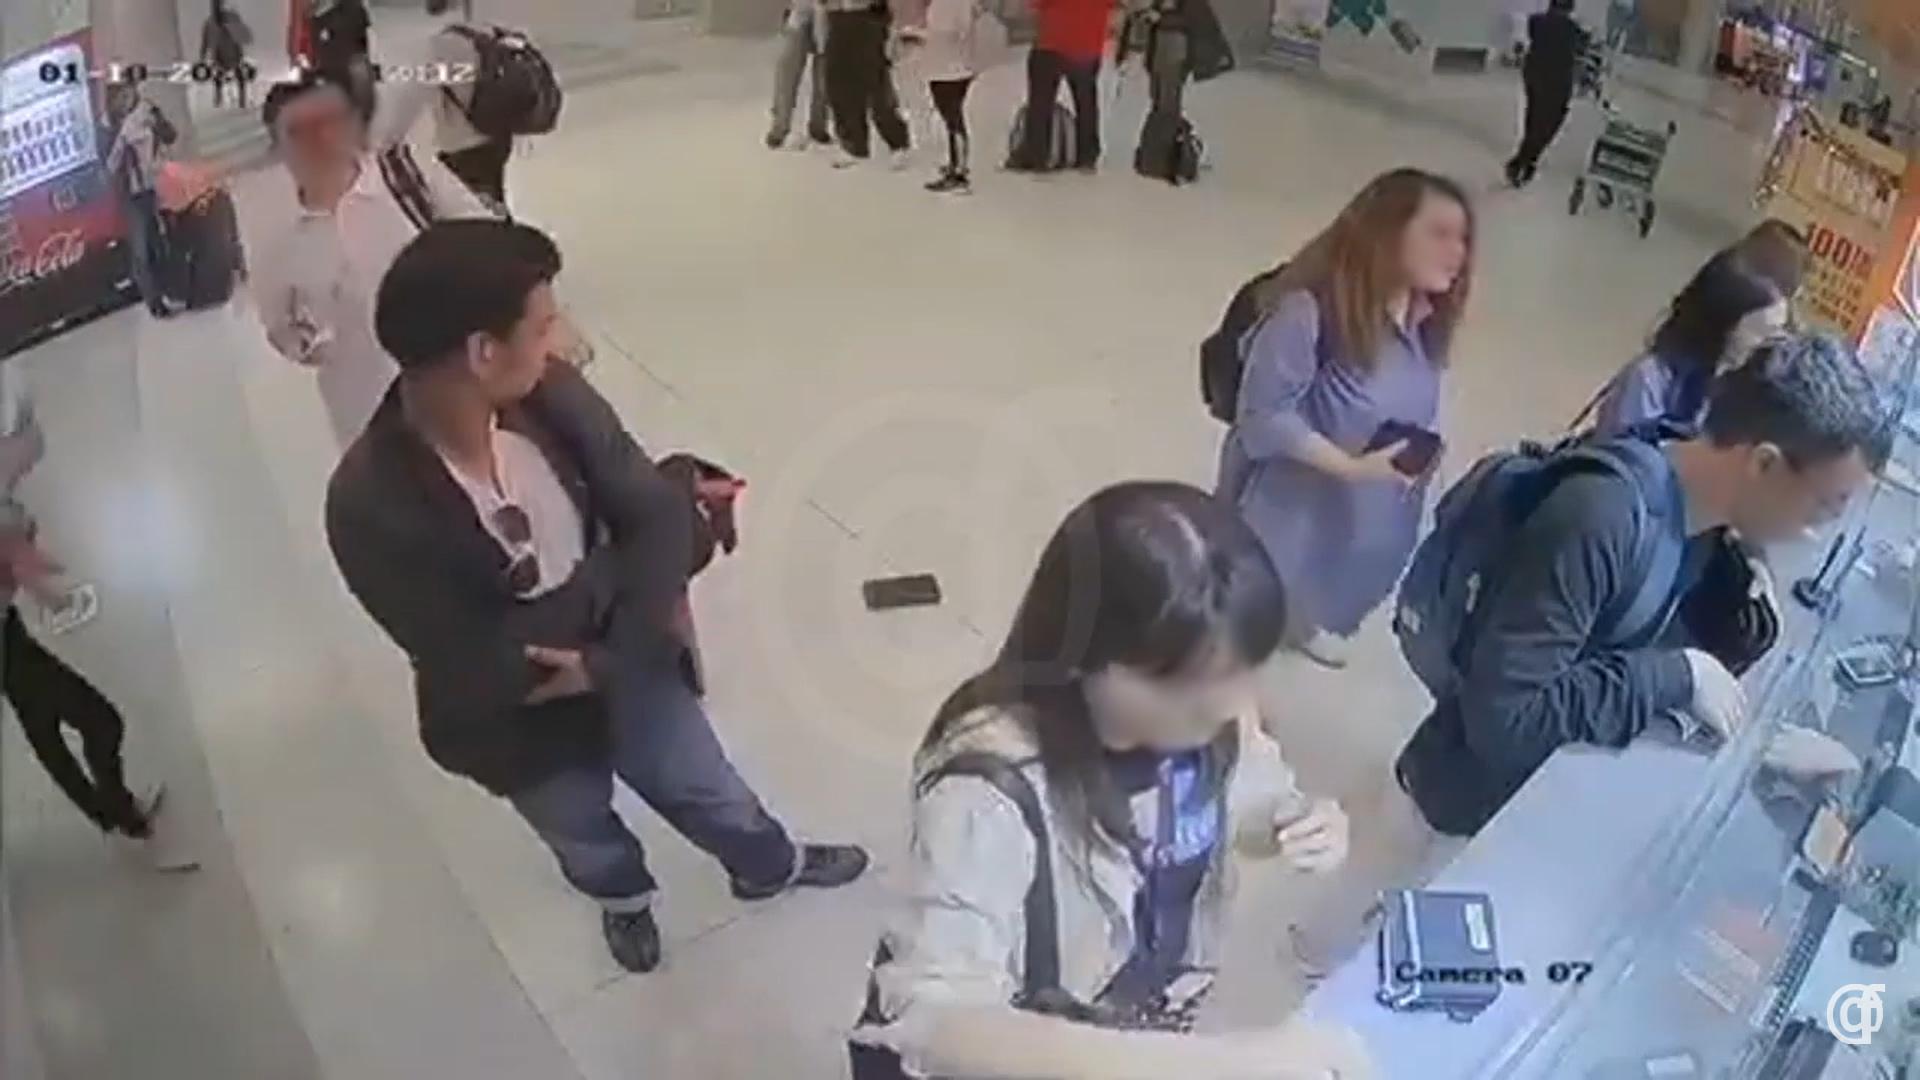 防犯カメラの映像が報じられギブアップ、容疑者が自ら警察に連絡